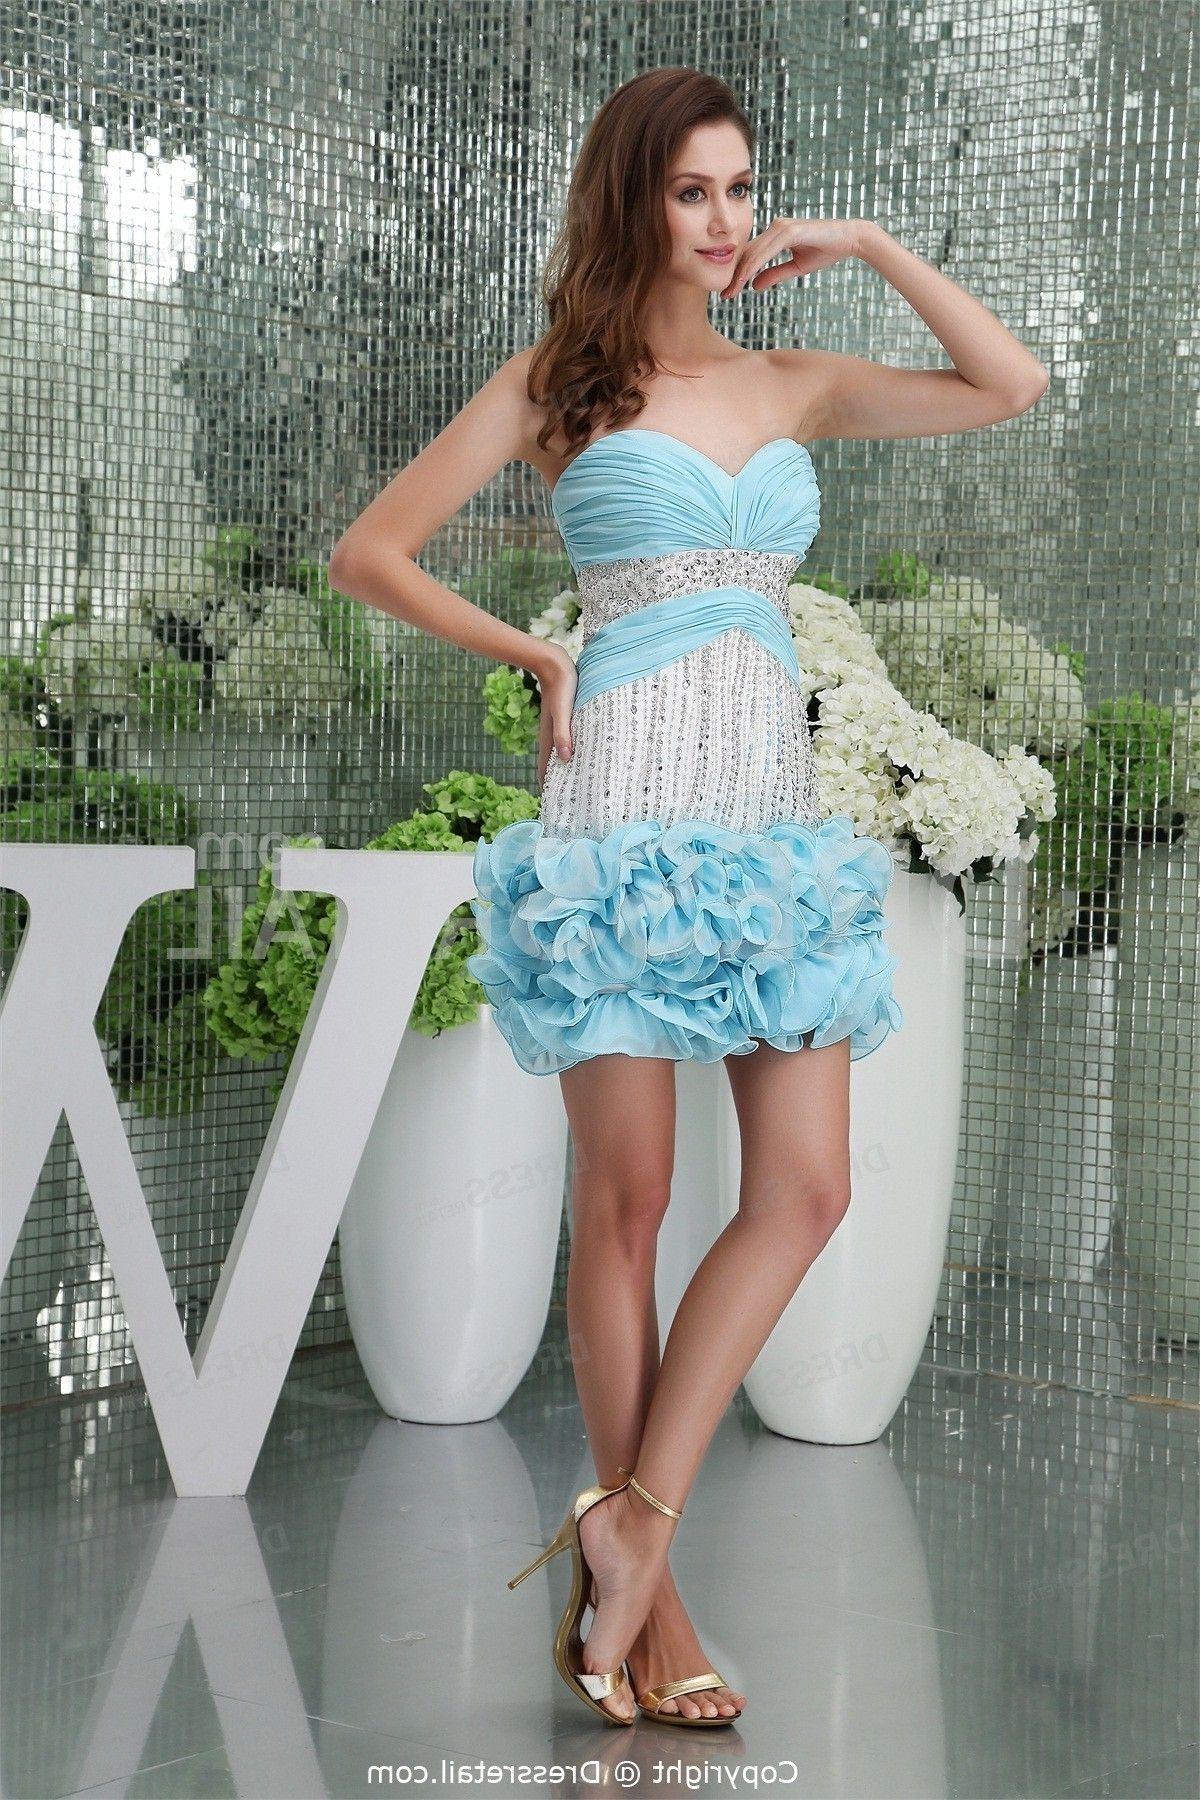 Light blue seersucker wedding dress wedding dress pinterest